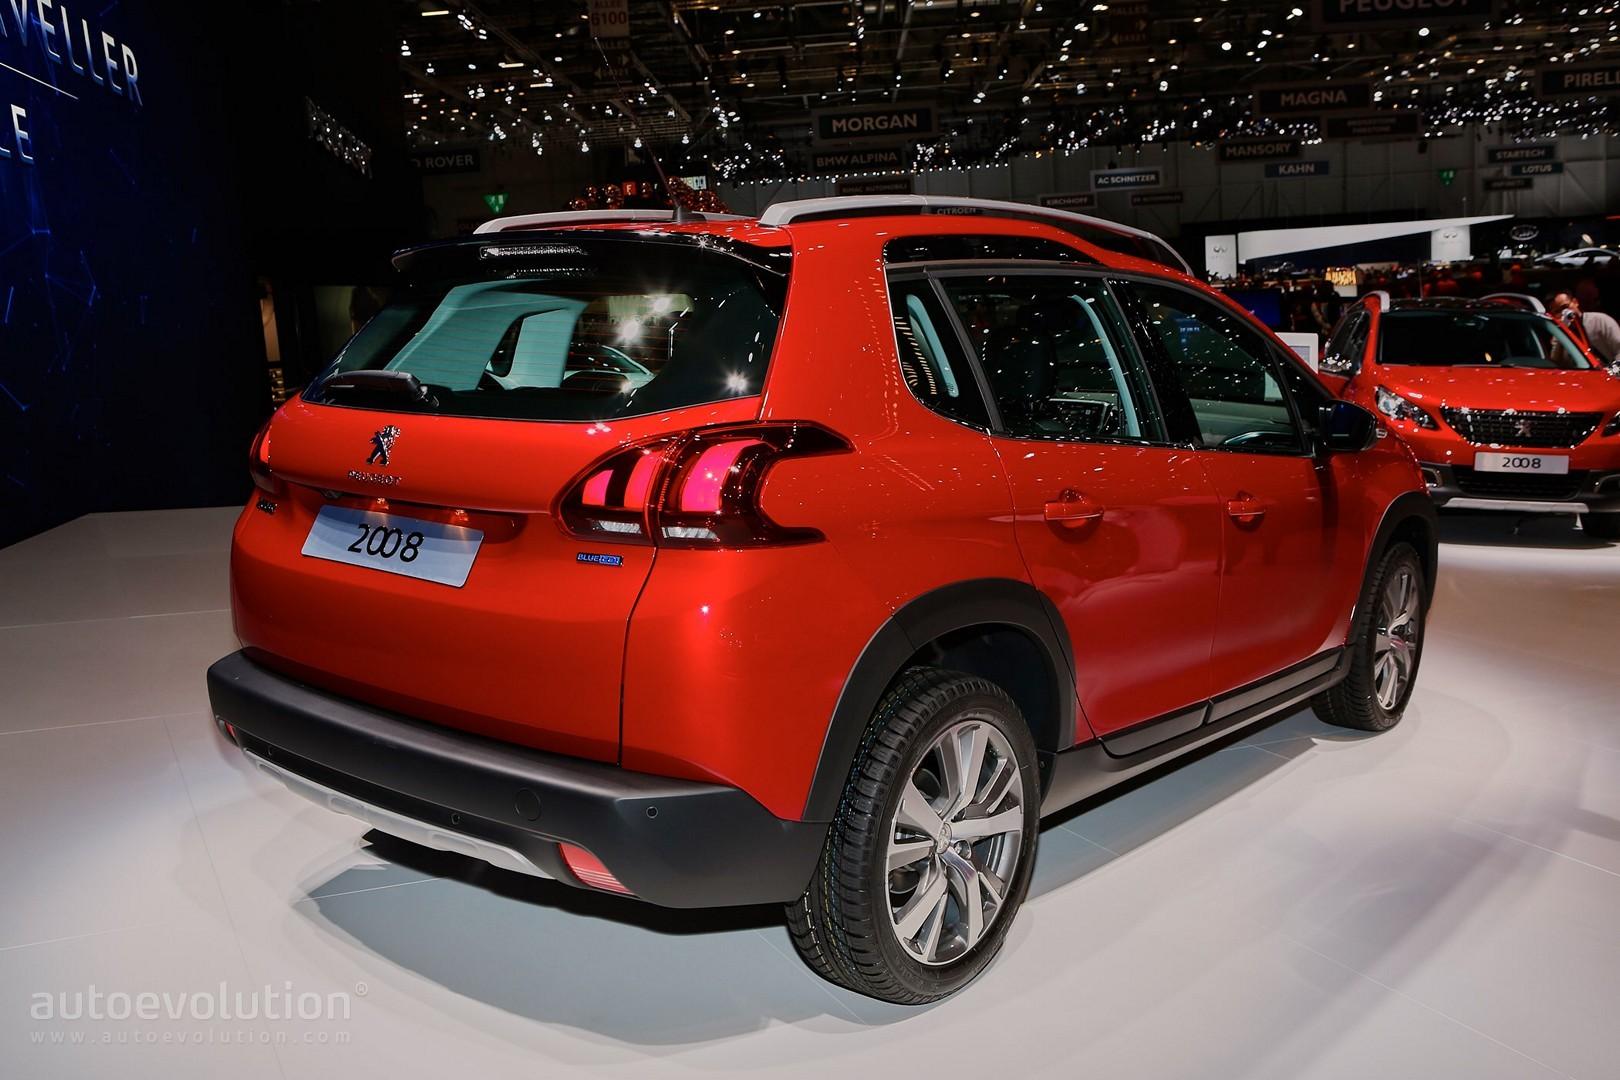 2016 Peugeot 2008 Facelift Joins Opel Mokka X for Geneva ...